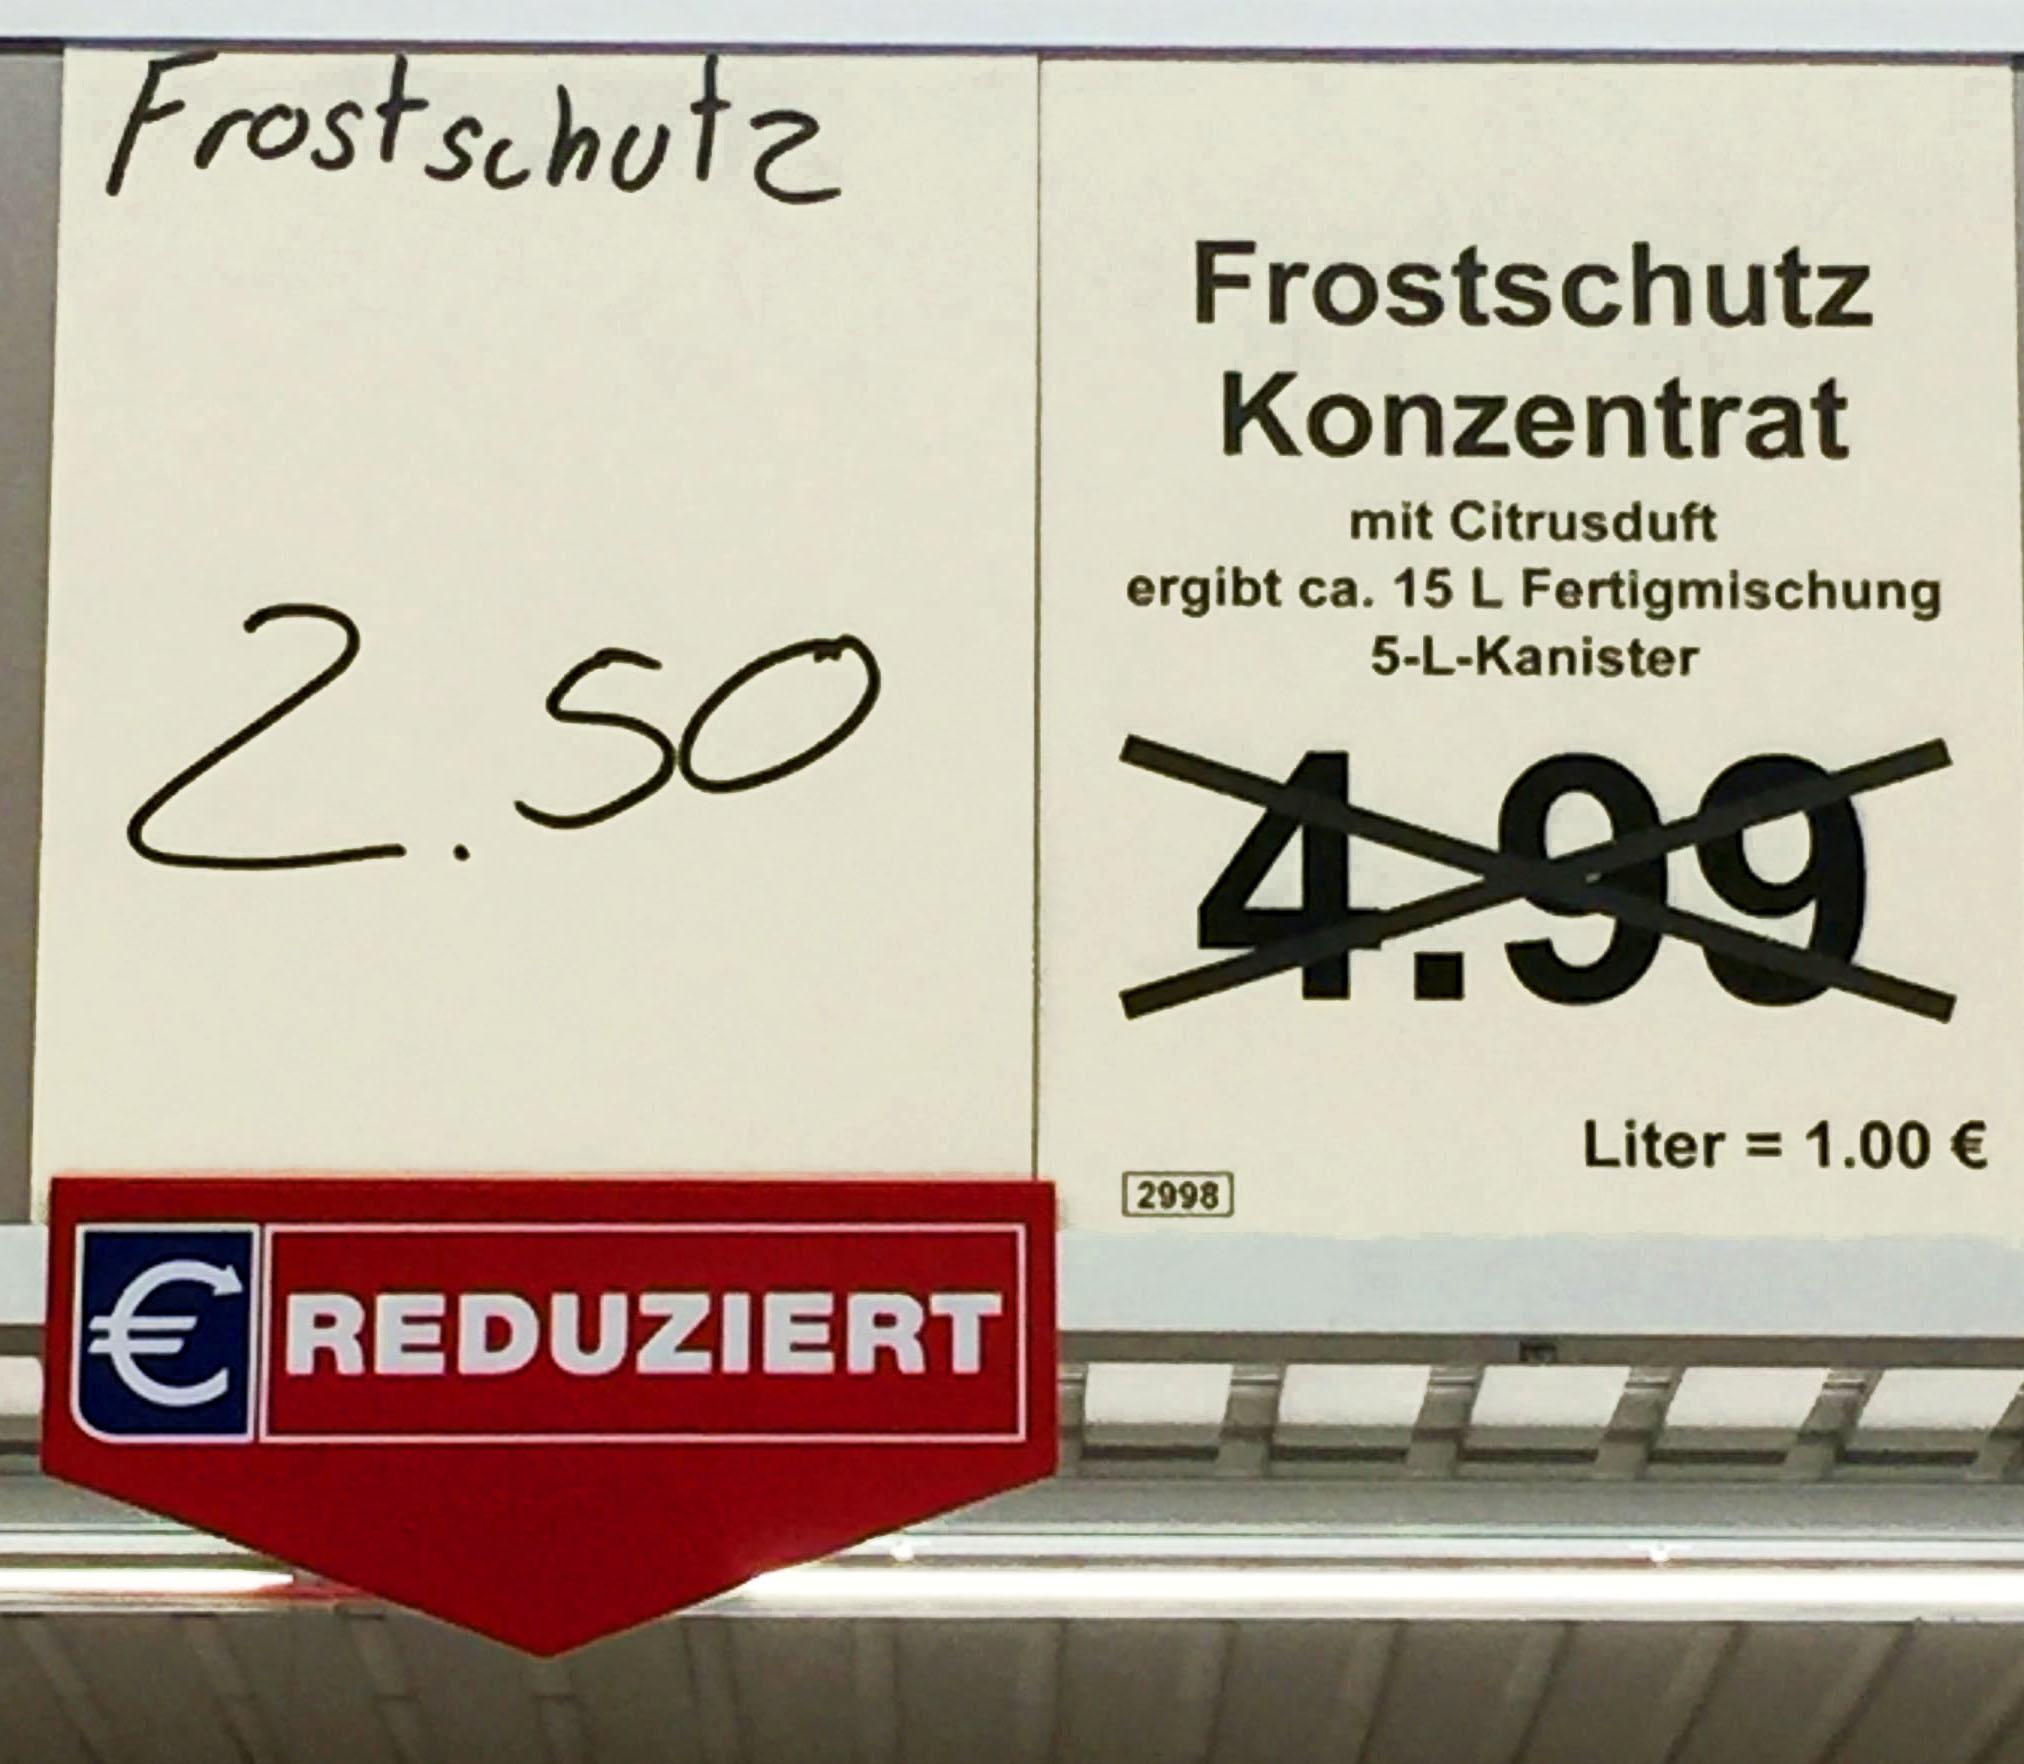 (Lokal in Essen) Scheibenfrostschutz bis -60 Grad, 5 Liter für 2,50€